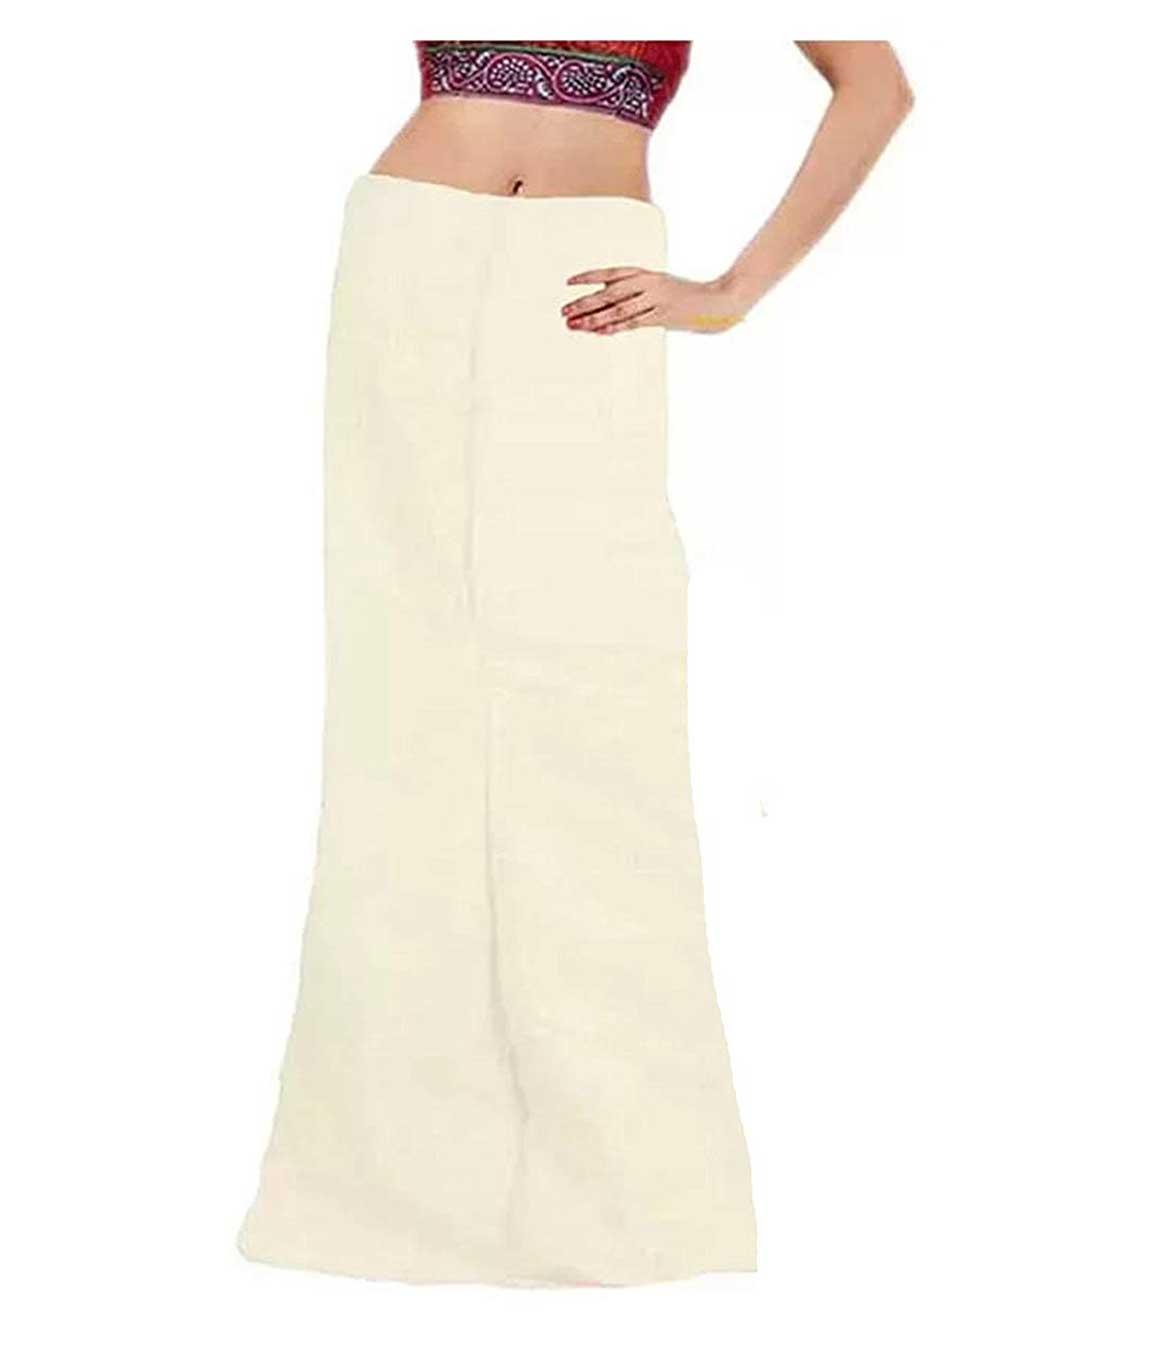 Vaestiario Cotton Multicolor Petticoats Combo of 4